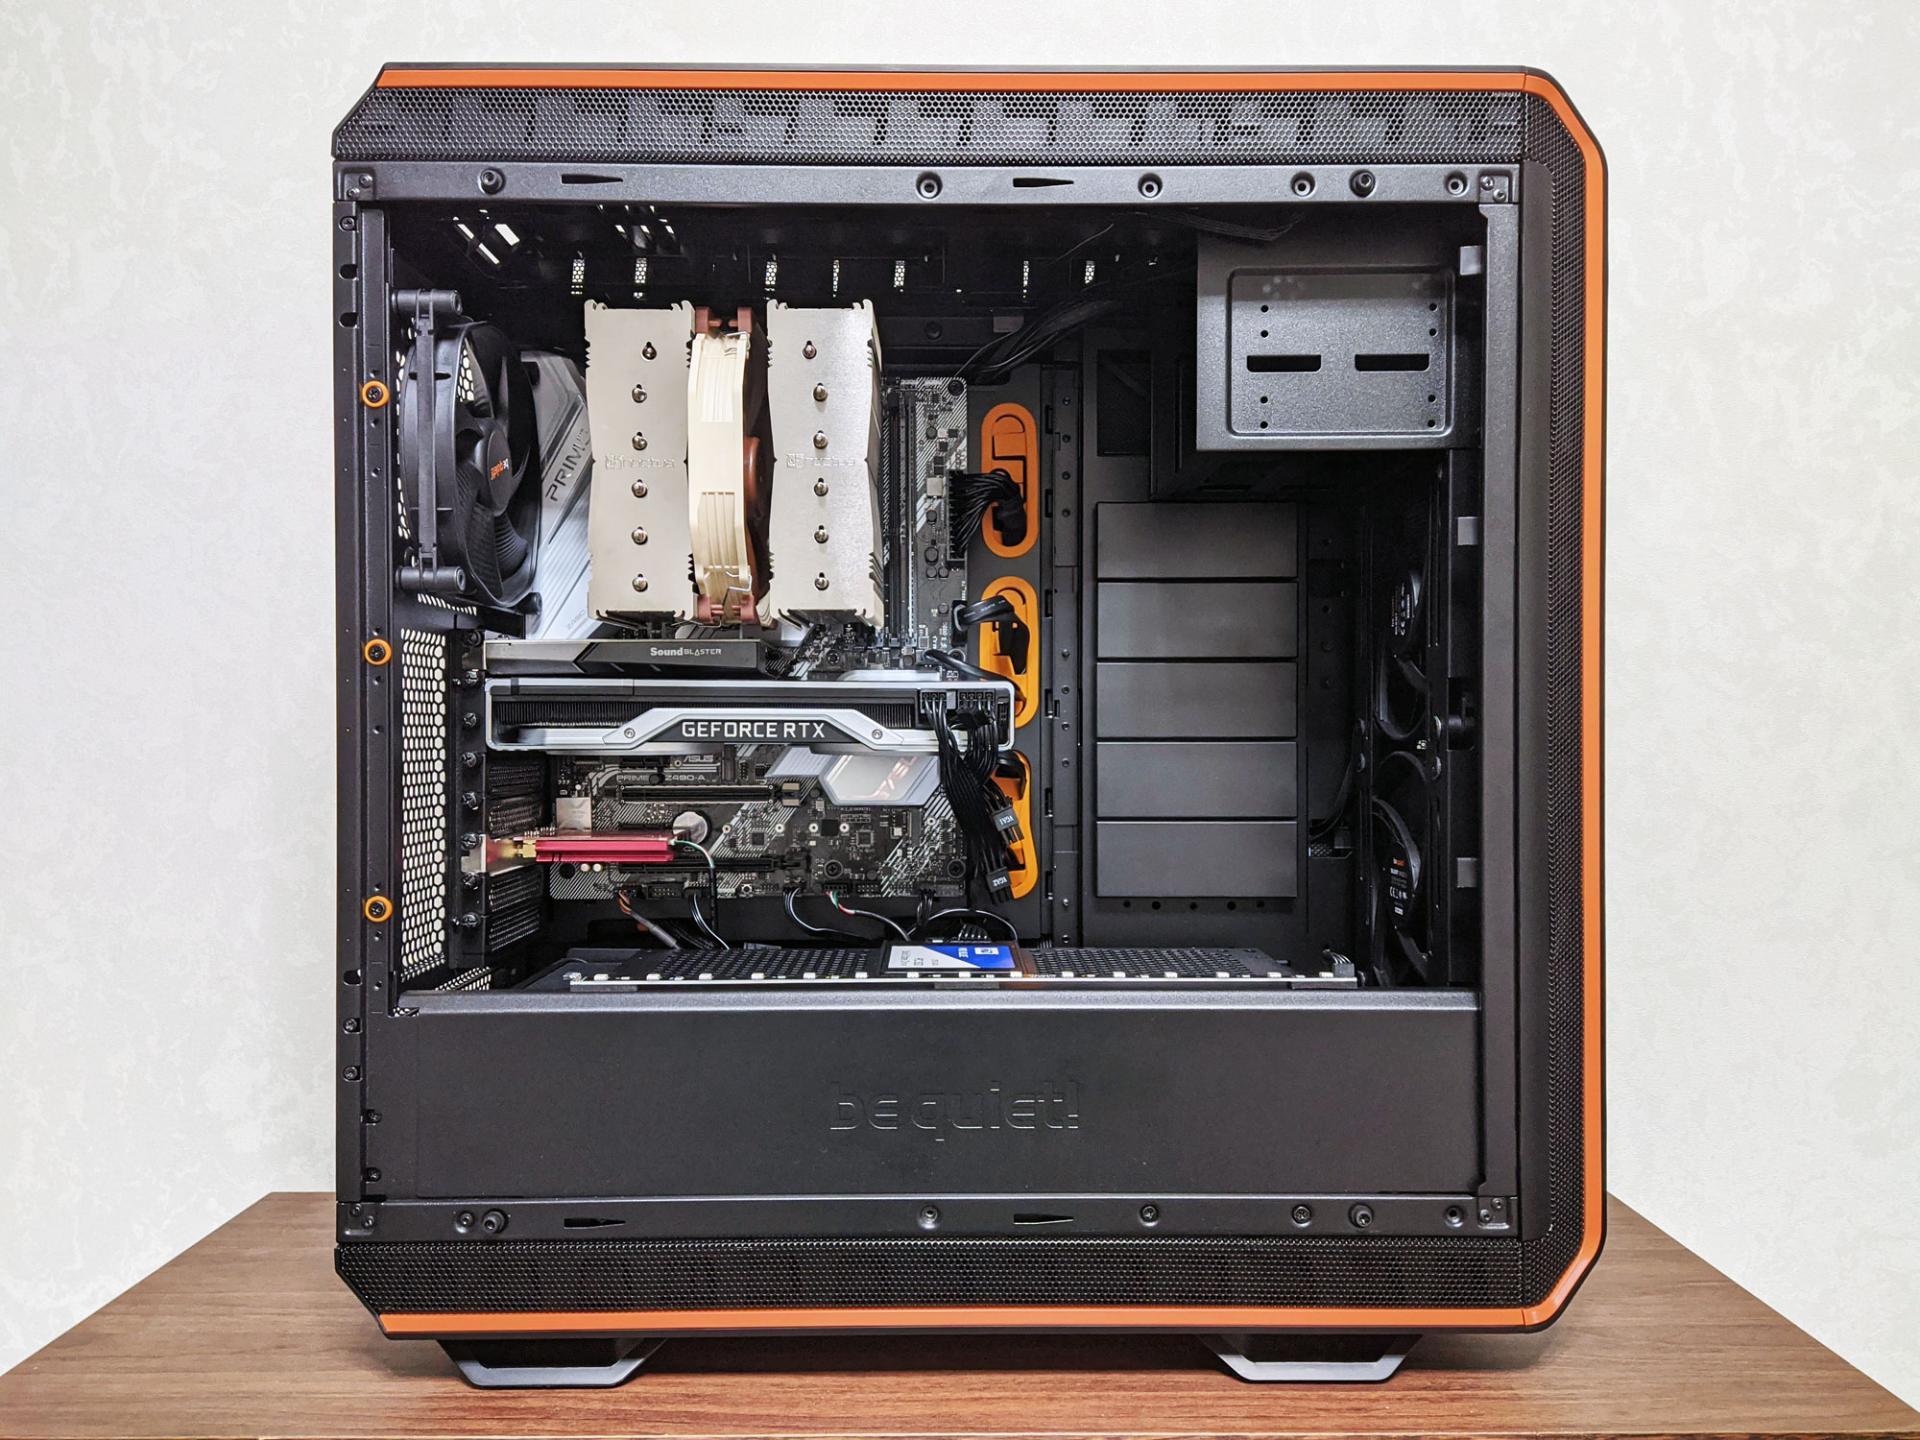 Обзор компьютерного корпуса bequiet! Dark Base 900 Pro rev.2 Orange